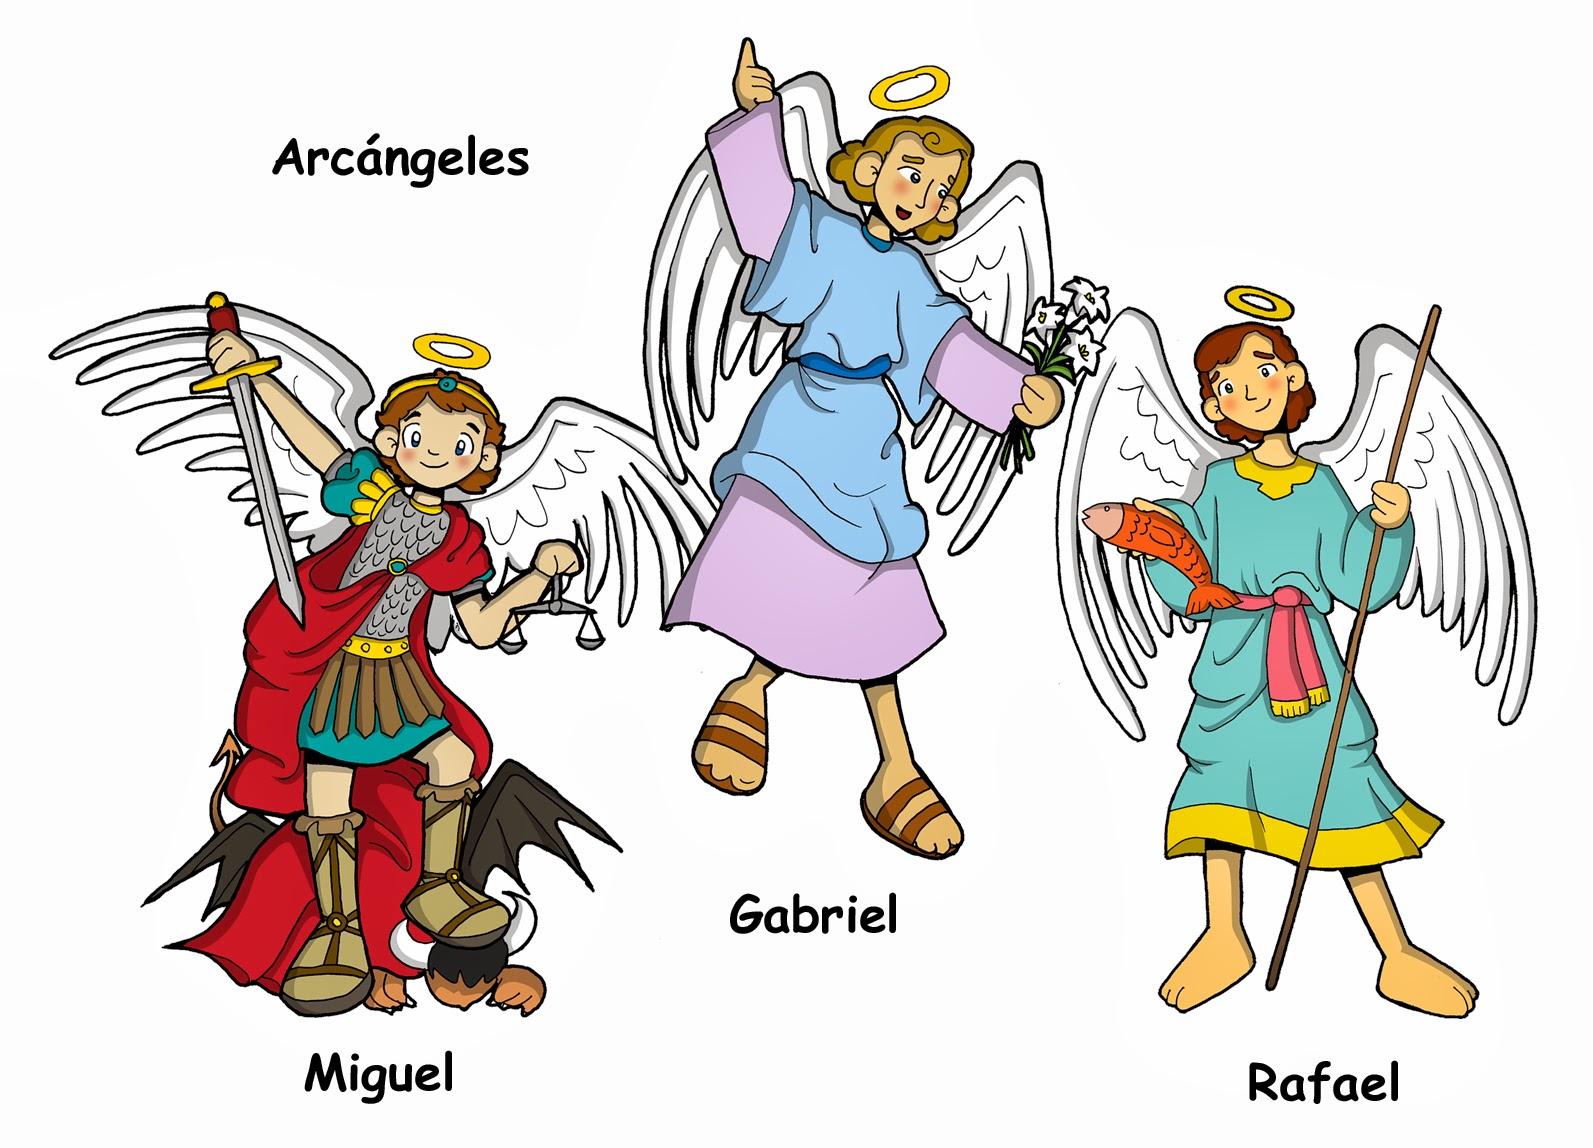 Imagenes De Los Arcangeles Gabriel Rafael Y San Miguel